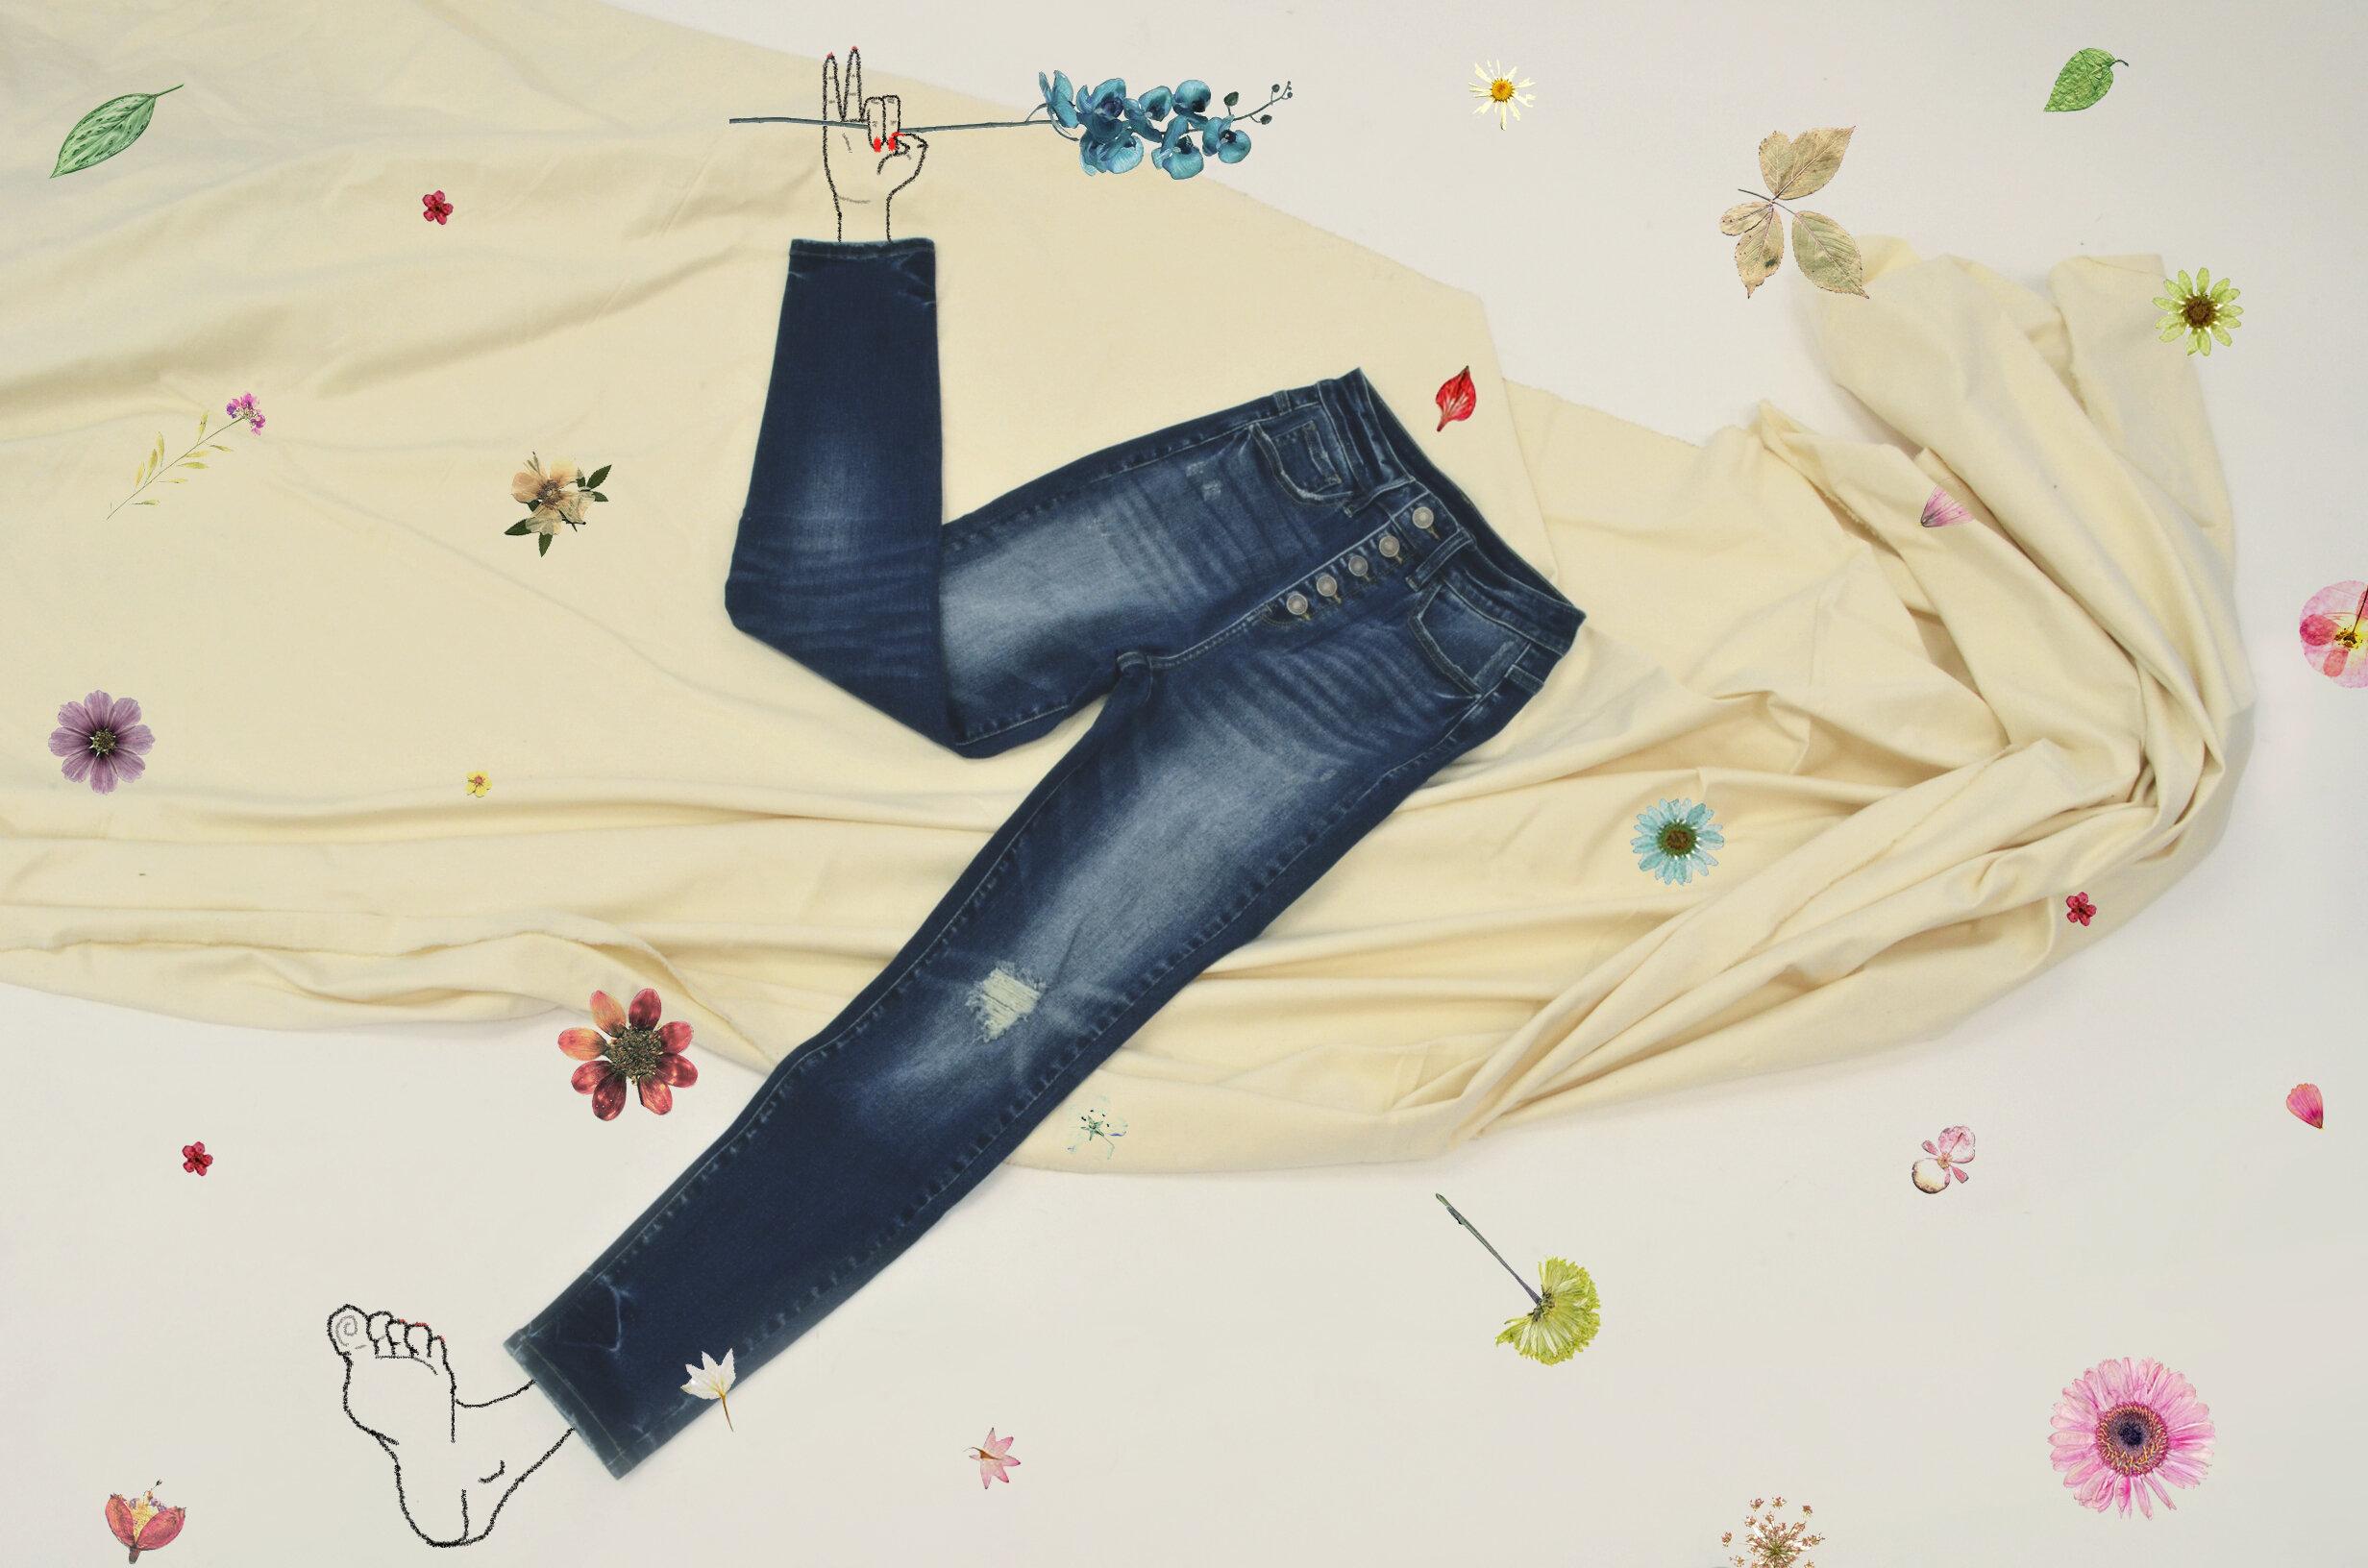 02-arms nd legs.jpg